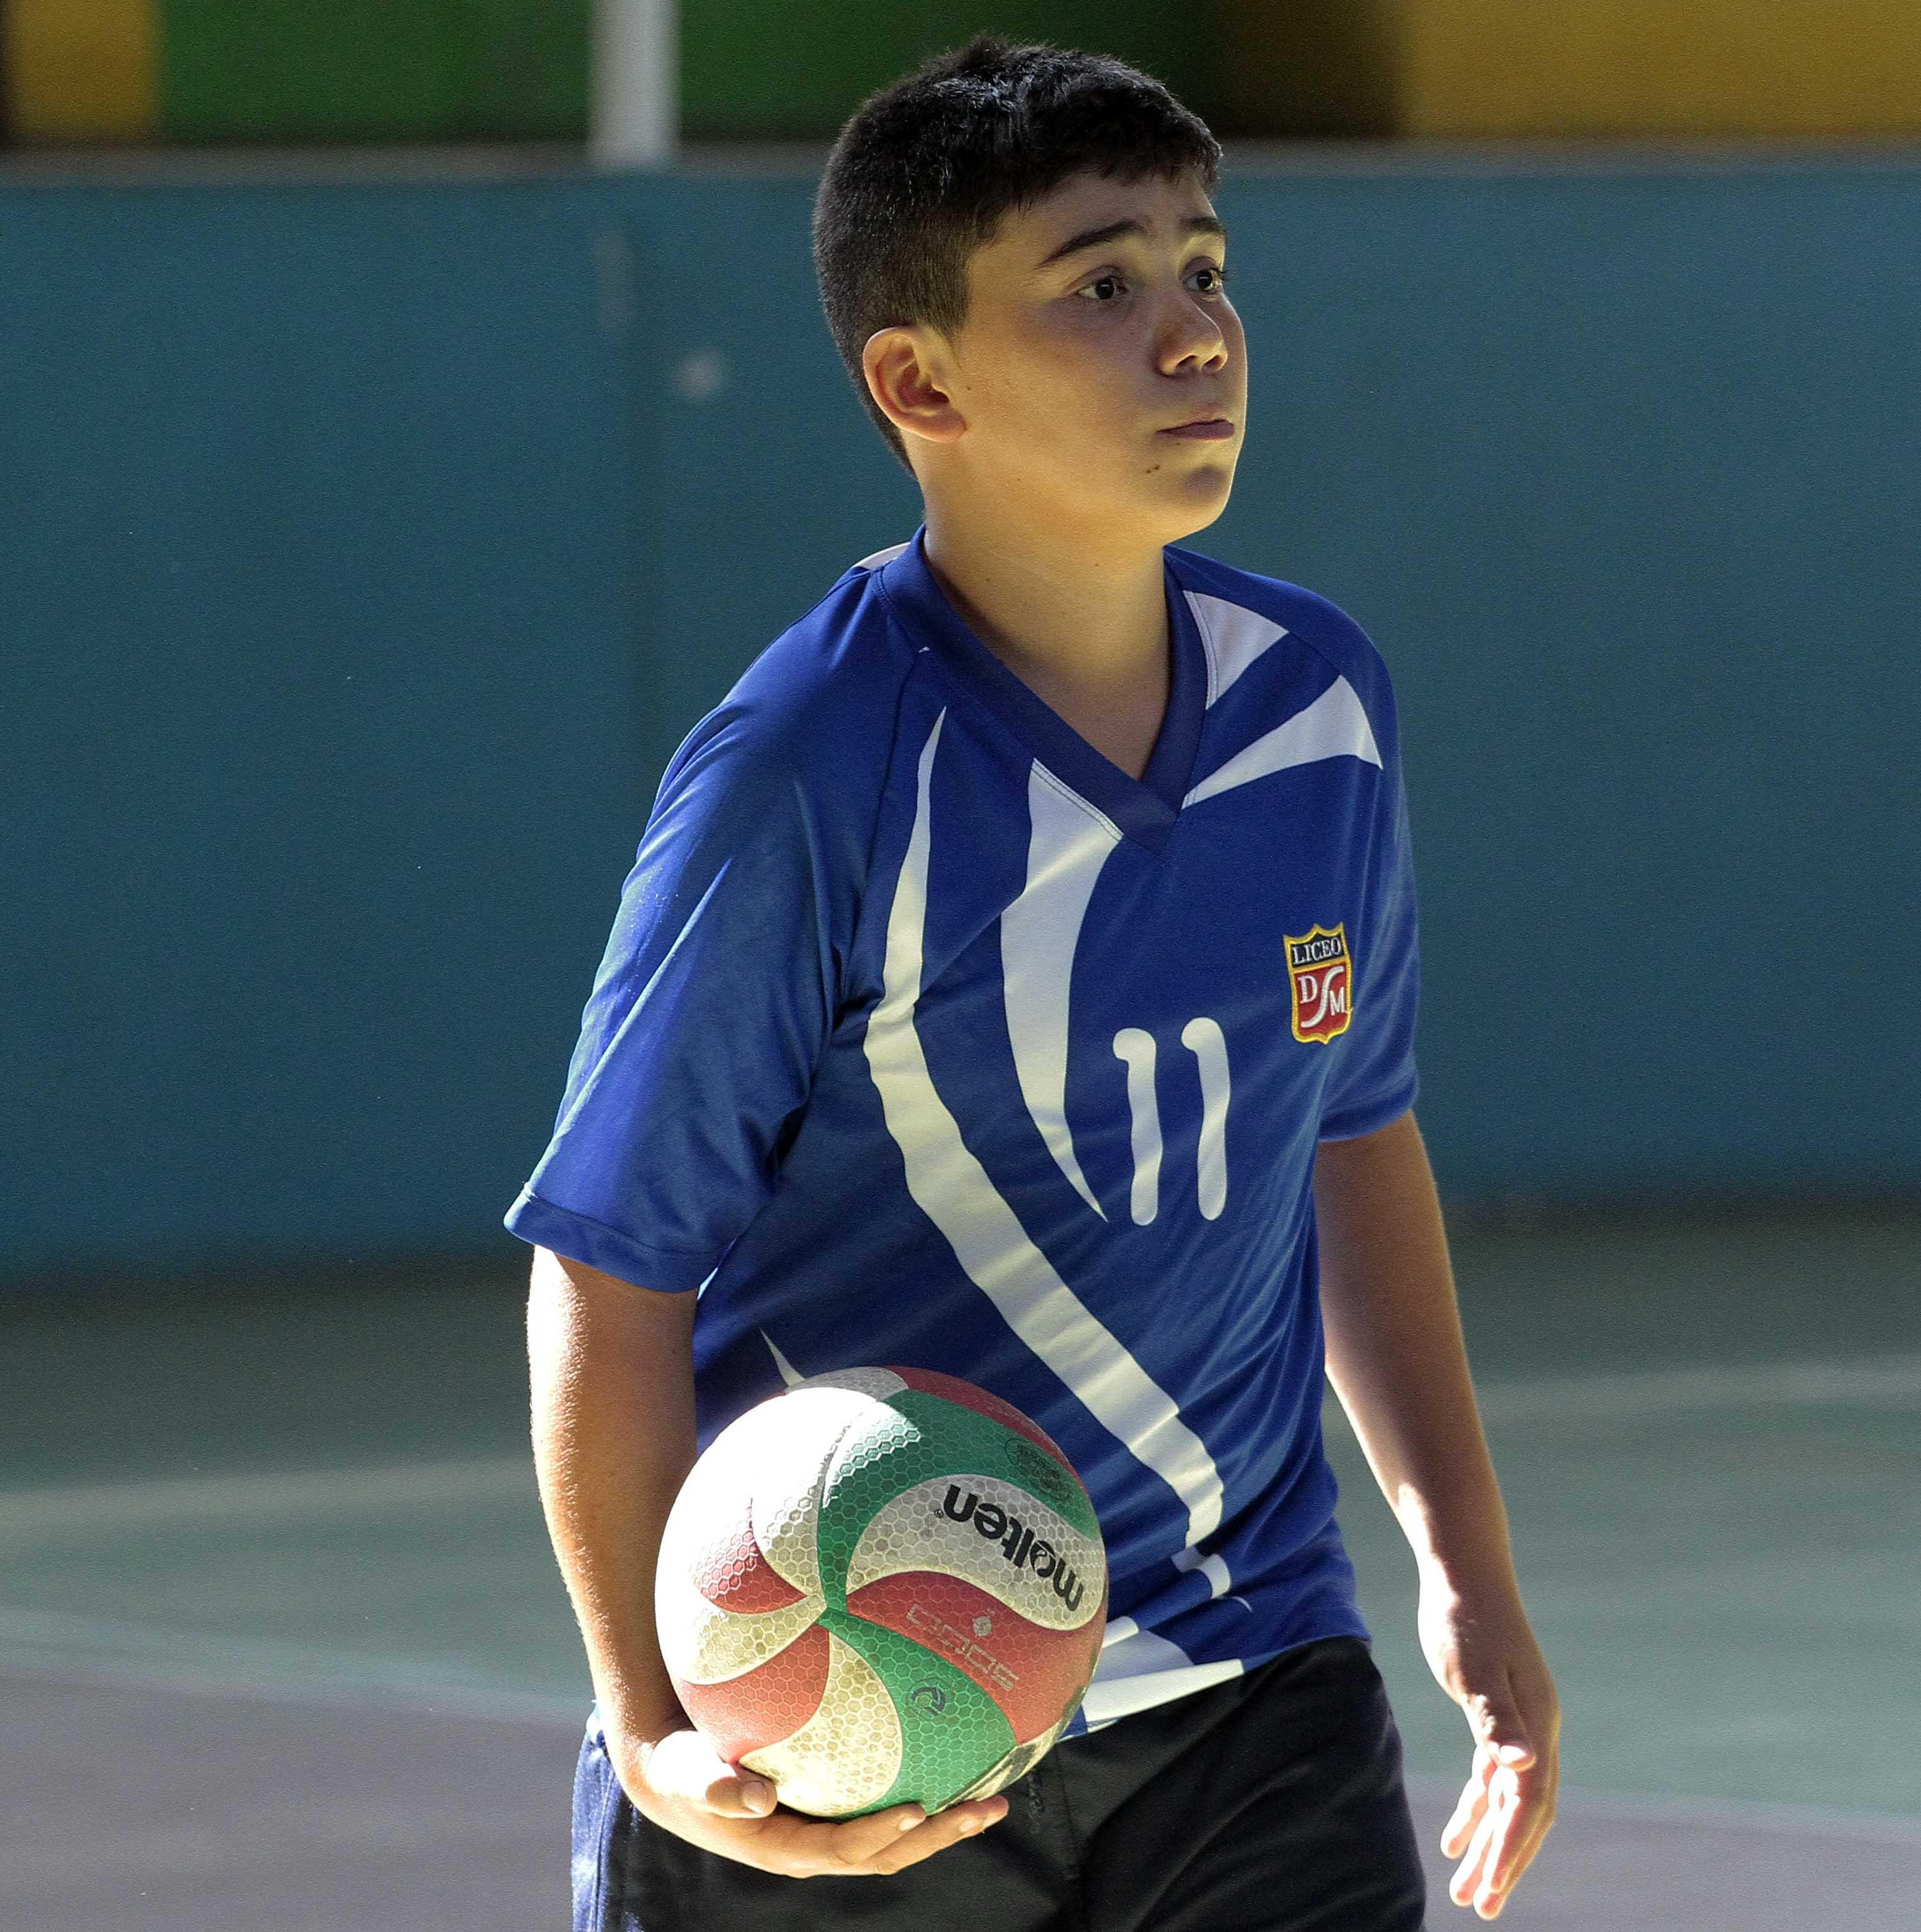 Juegos Deportivos Escolares 2015: Liceo Domingo Santa María en Final Nacional de Vóleibol